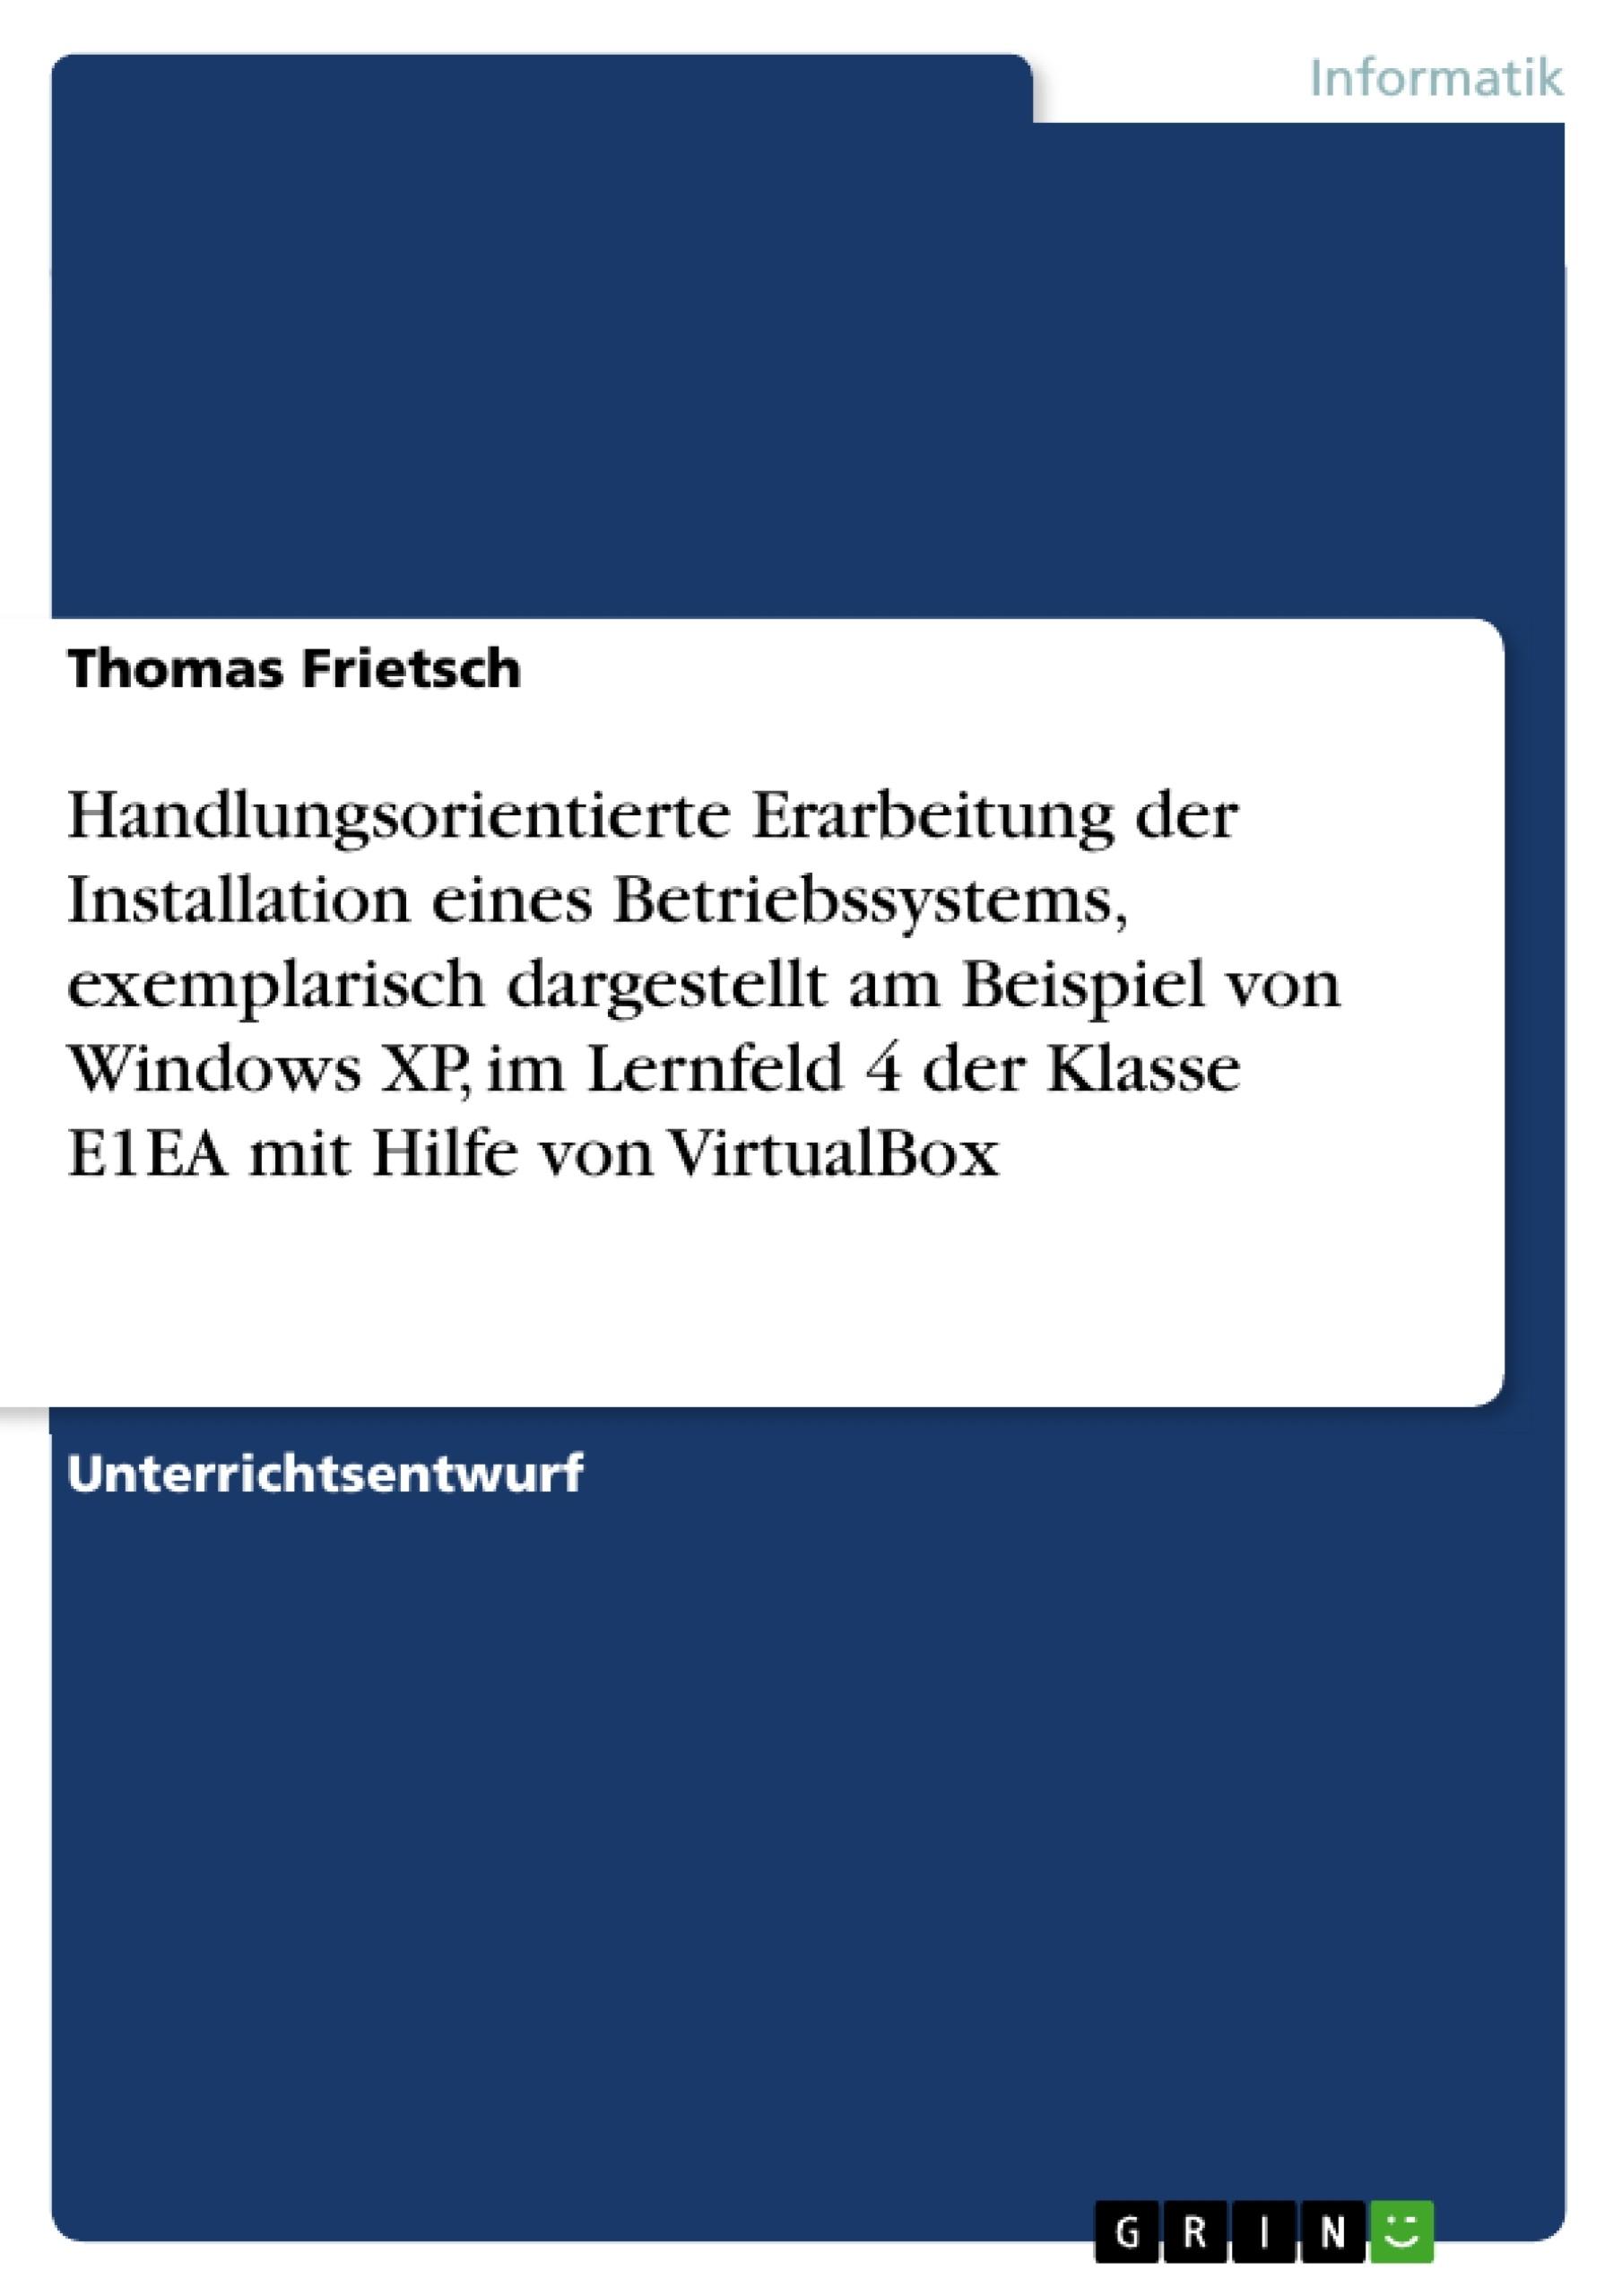 Titel: Handlungsorientierte Erarbeitung der Installation eines Betriebssystems, exemplarisch dargestellt am Beispiel von Windows XP, im Lernfeld 4 der Klasse E1EA mit Hilfe von VirtualBox